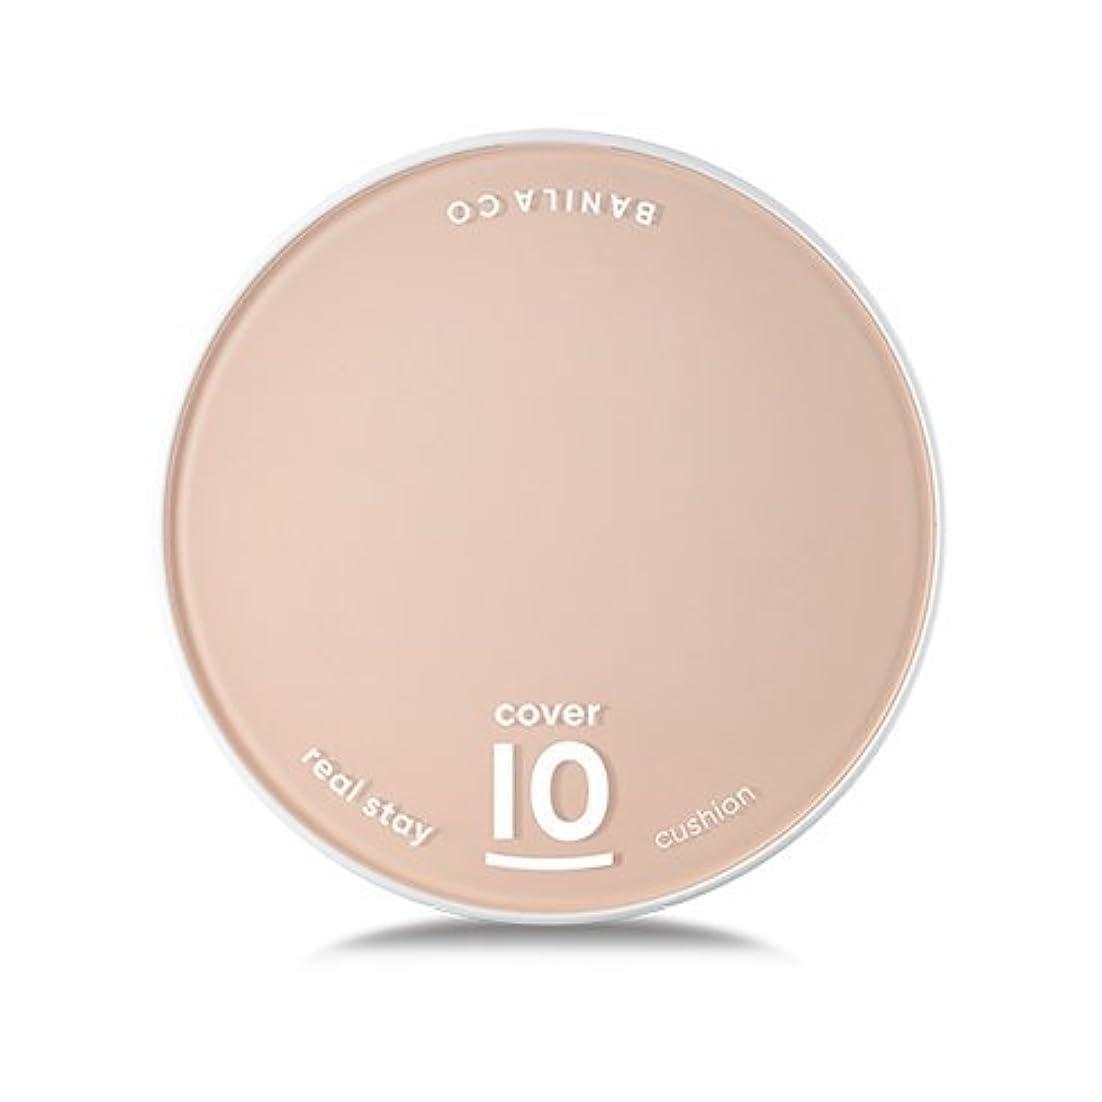 提供する雄大な献身[Renewal] BANILA CO Cover 10 Real Stay Cushion 15g + Refill 15g/バニラコ カバー 10 リアル ステイ クッション 15g + リフィル 15g (#BP15) [並行輸入品]